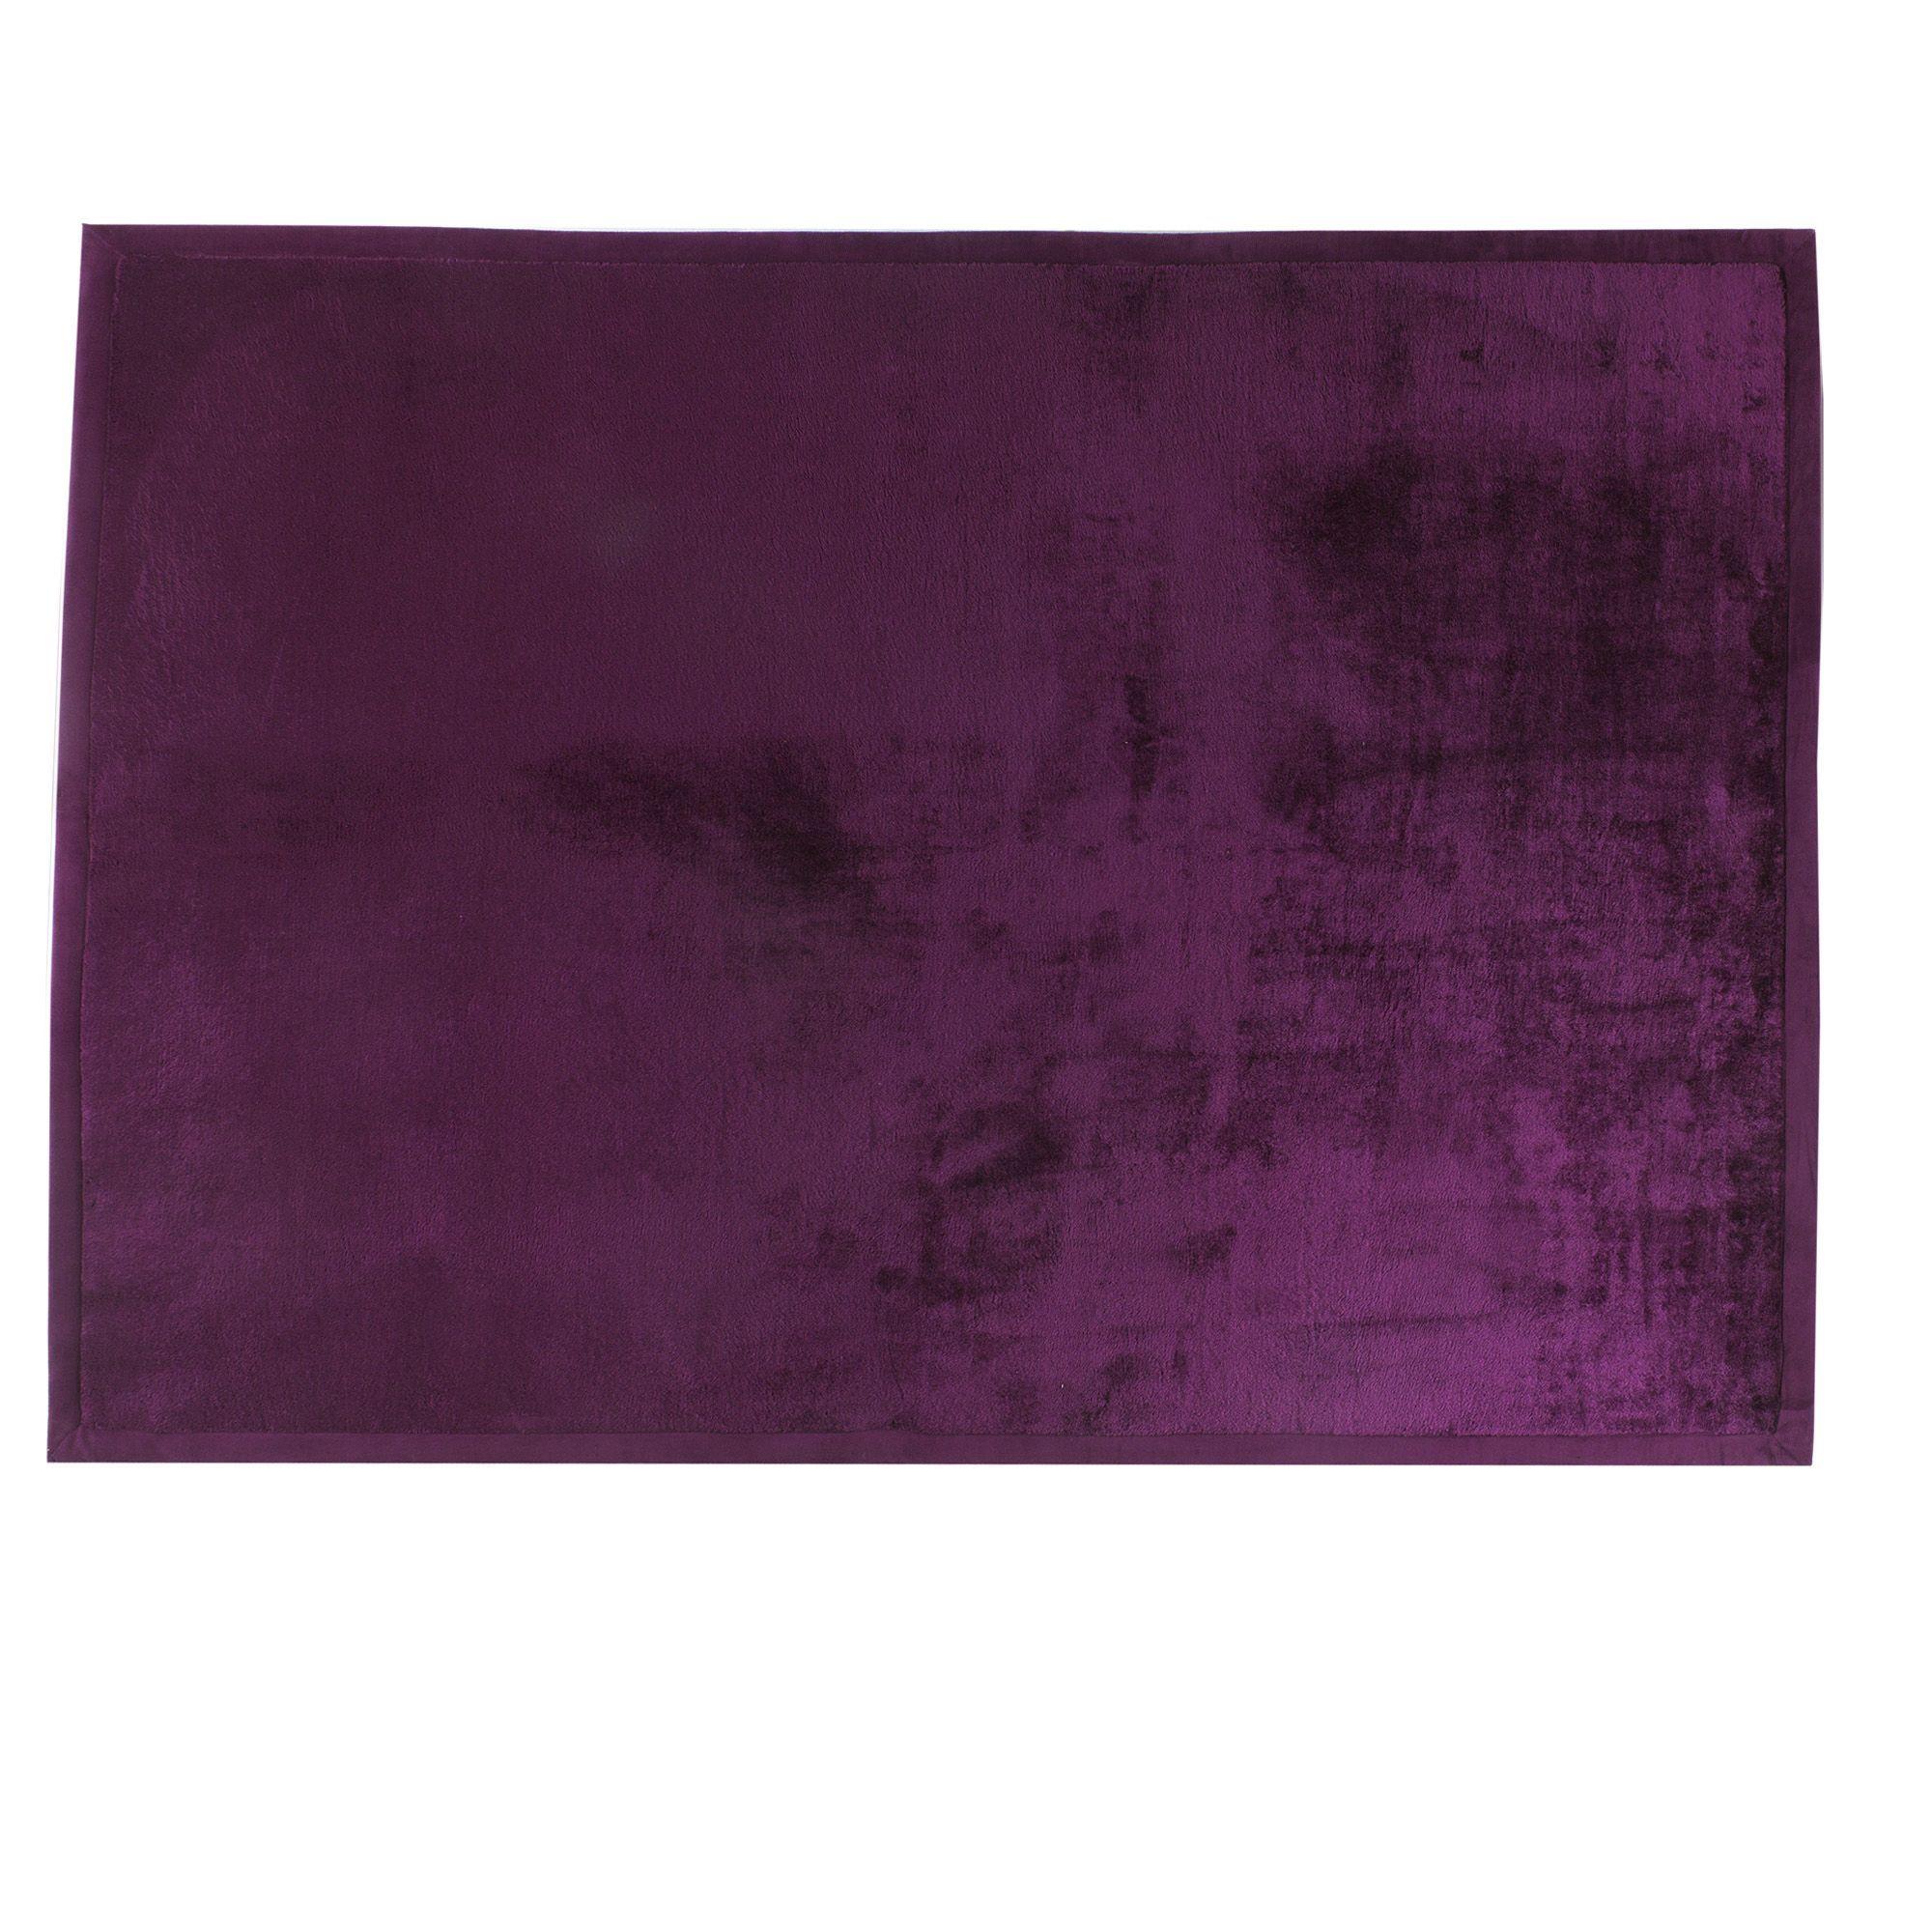 Tapis imitation fourrure 160x230cm (plusieurs coloris disponibles ...